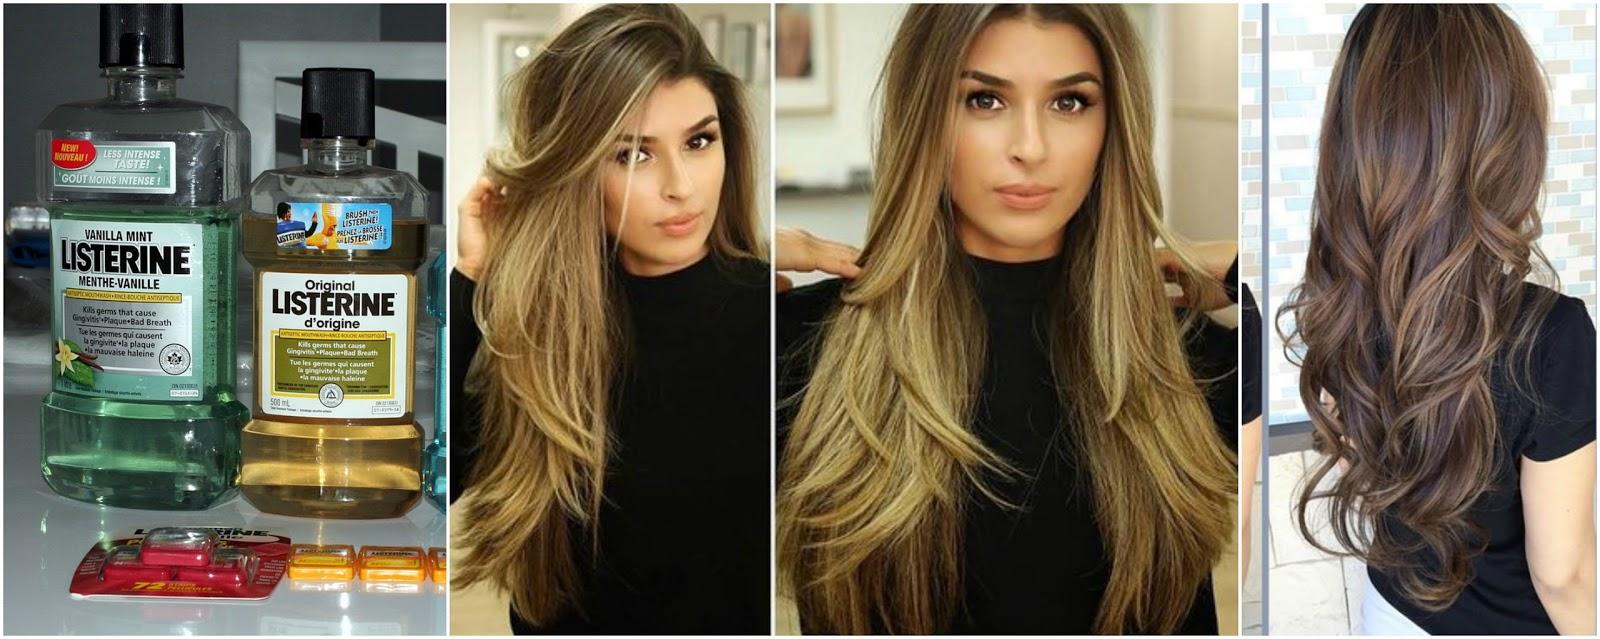 RListerine cabello